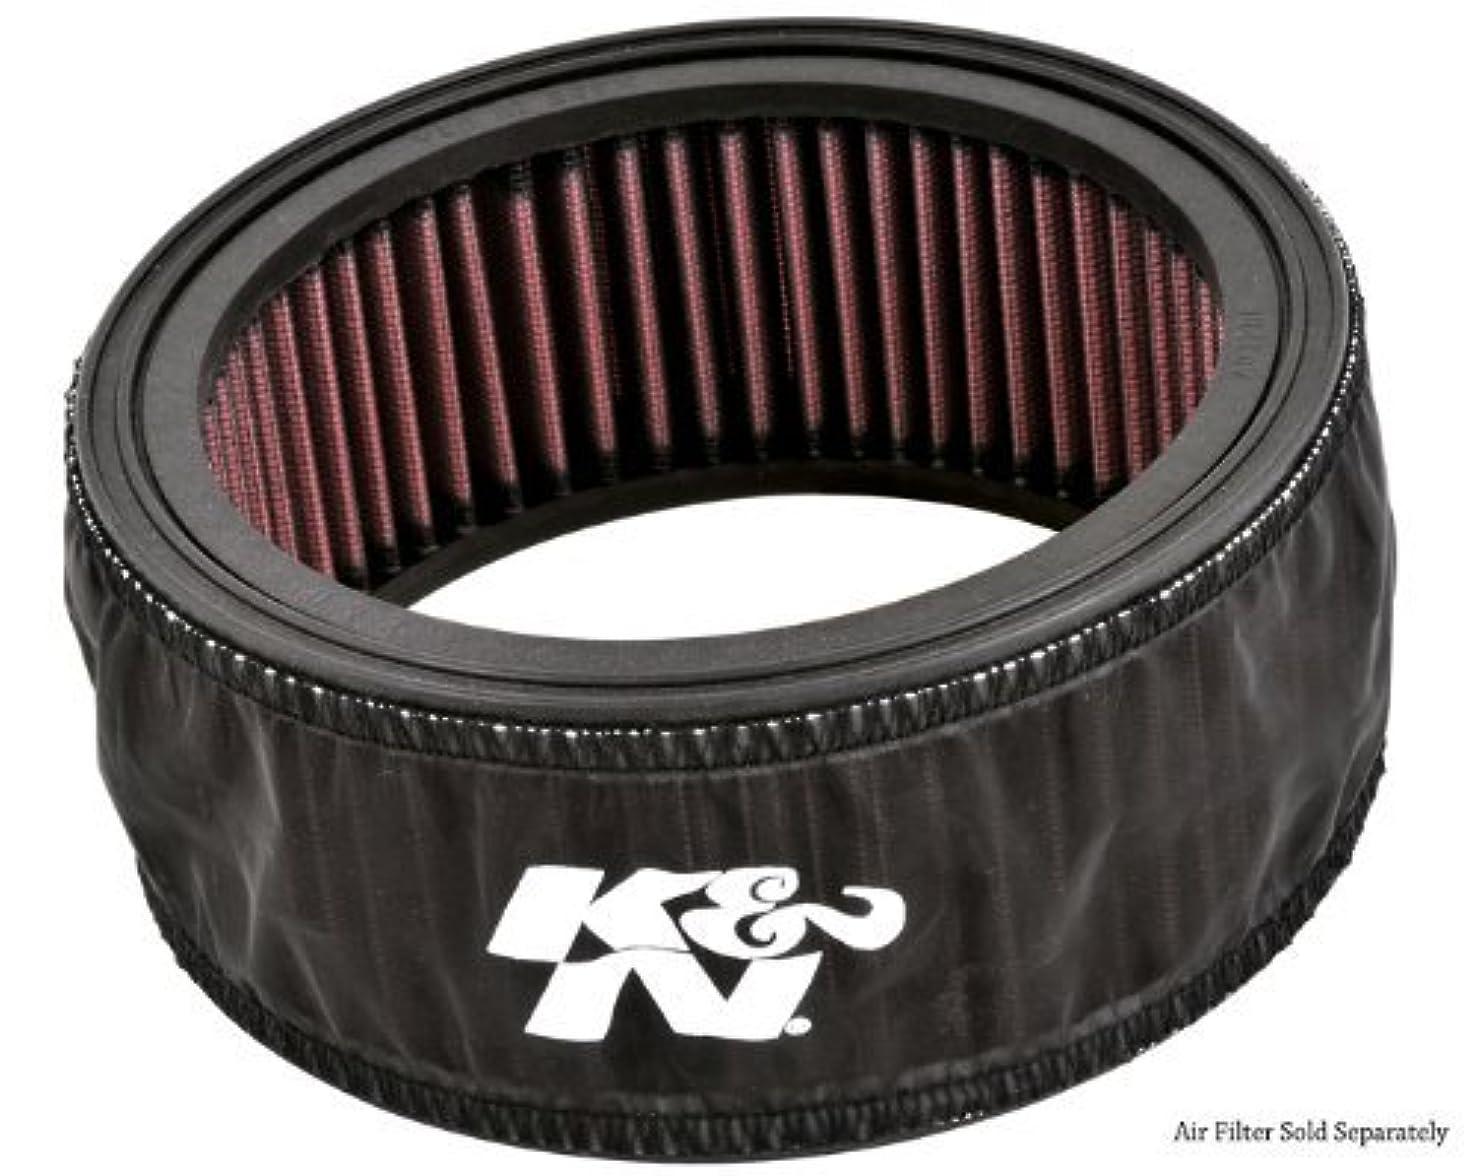 却下する夜間としてK&N E-4518DK Drycharger Air Filter Wrap [並行輸入品]